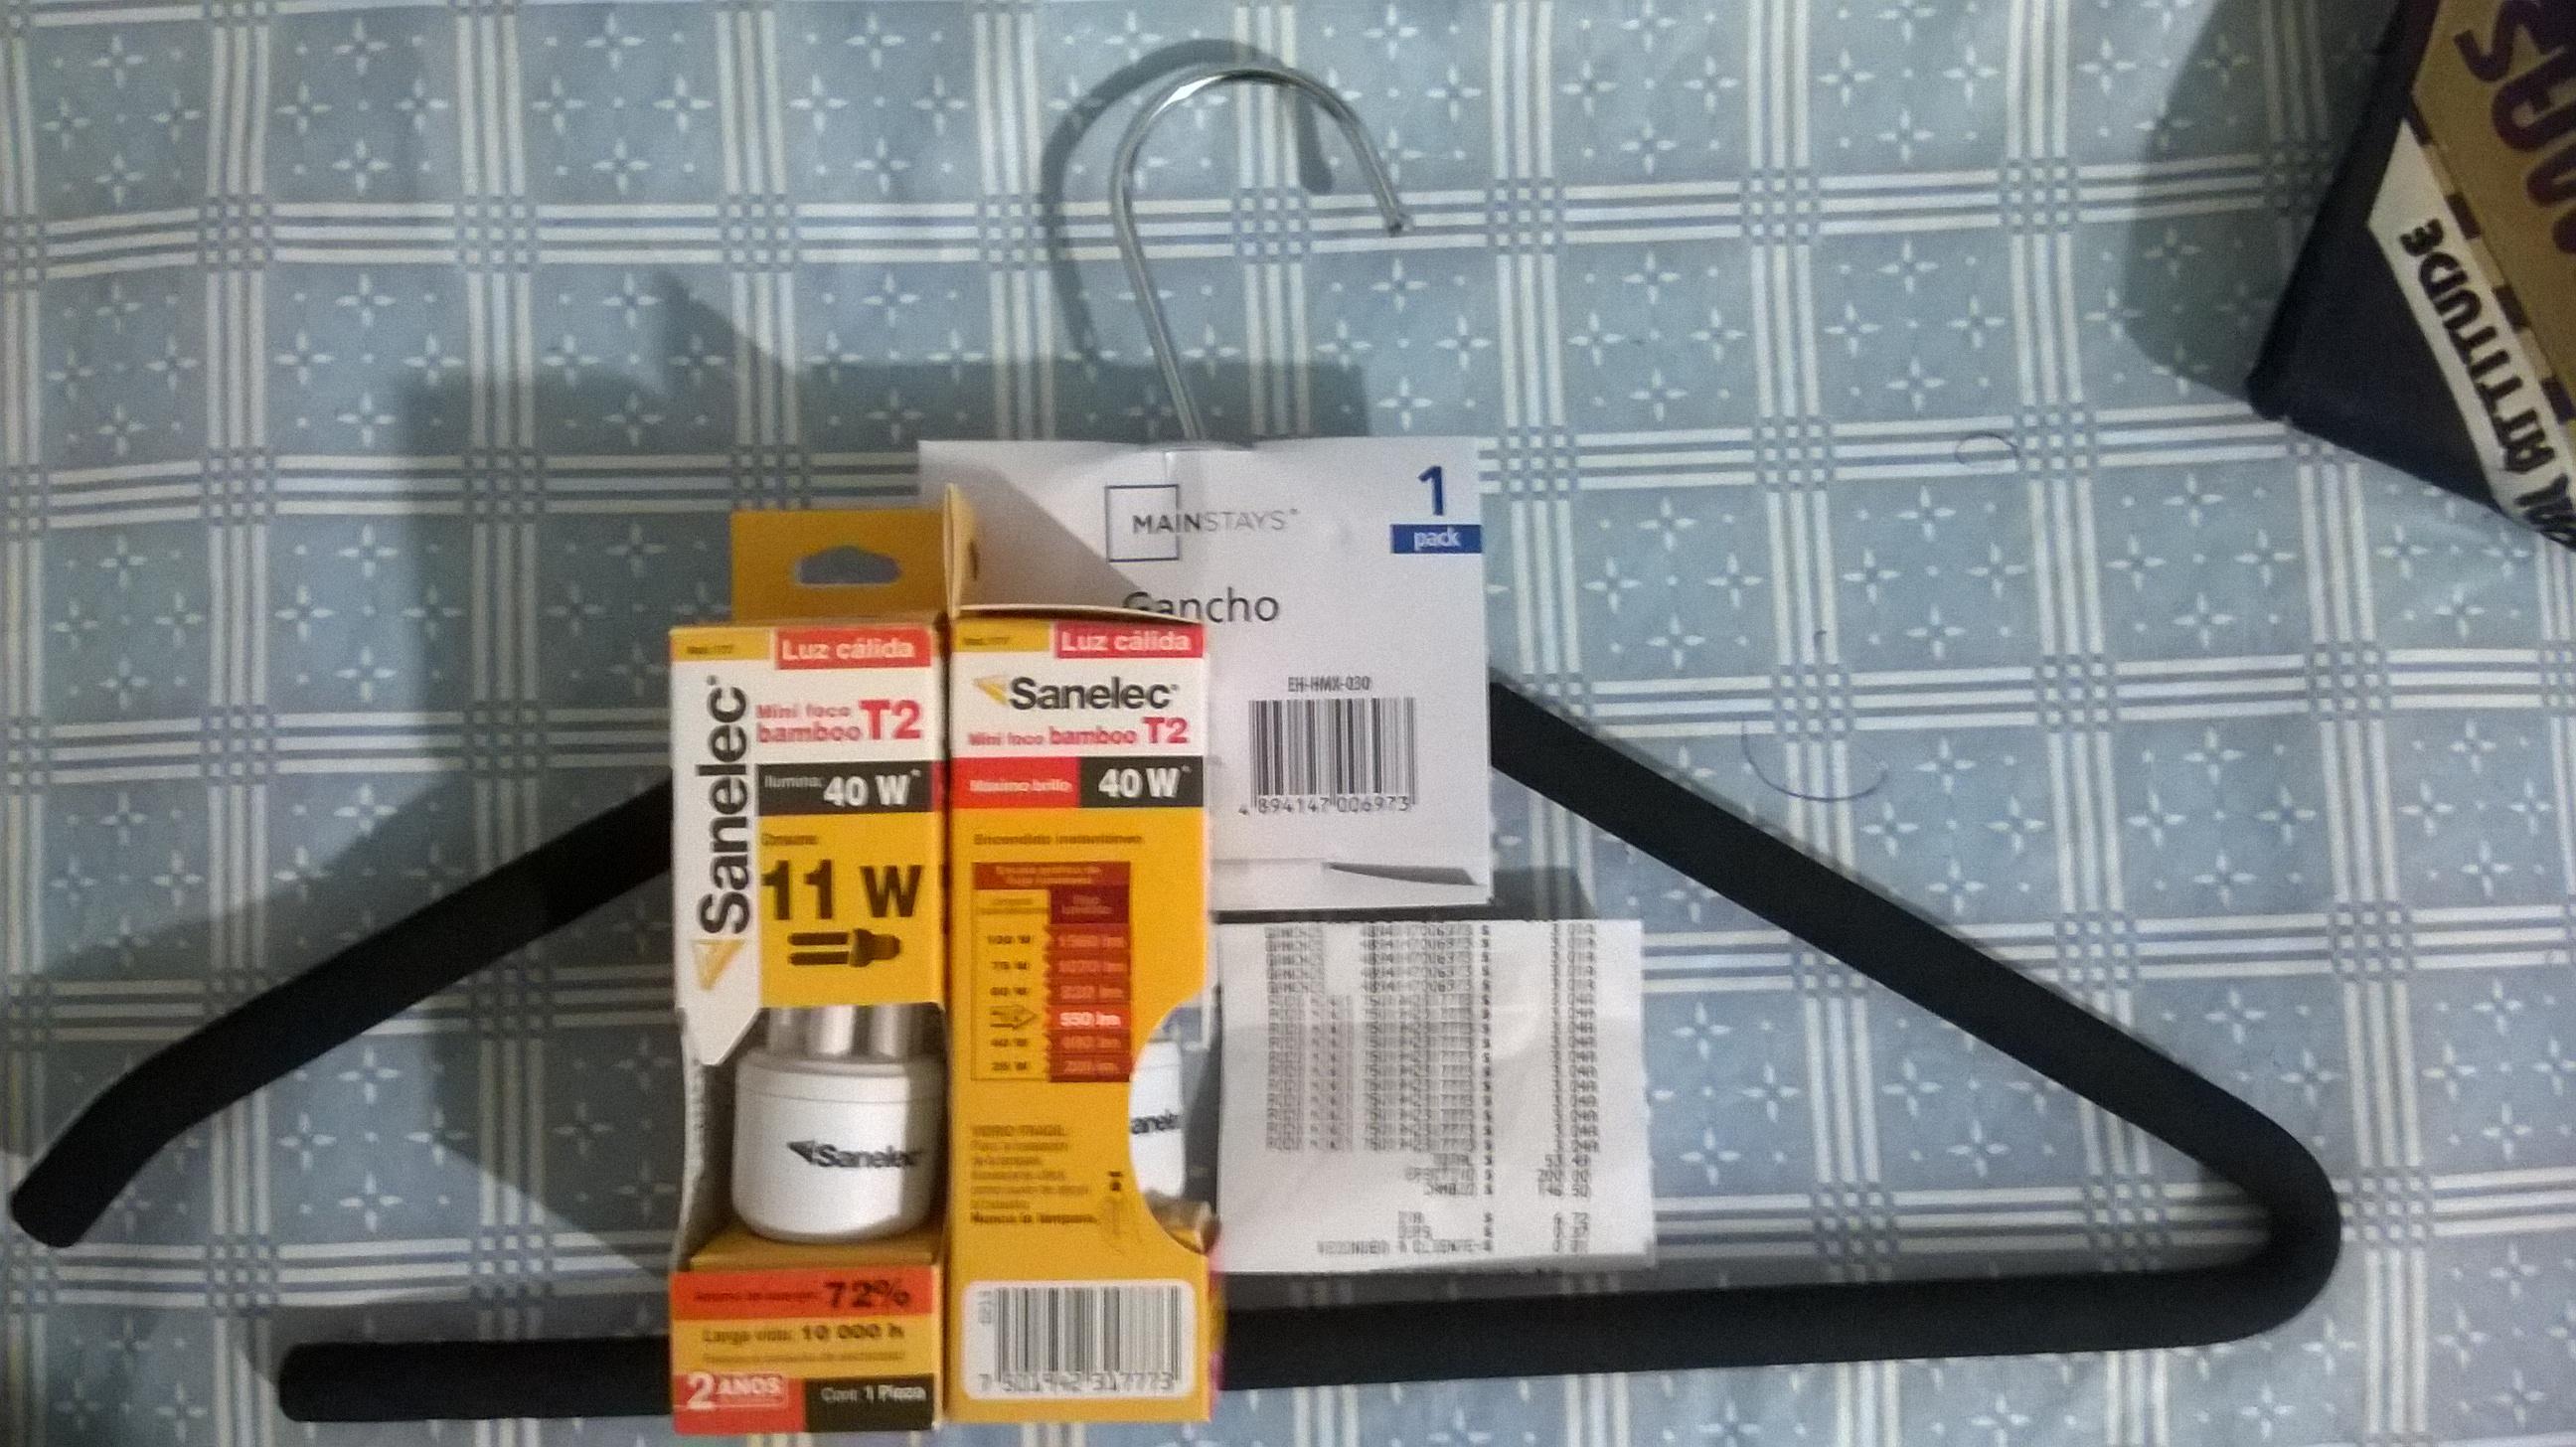 Walmart: Gancho Mainstays Y Foco Ahorrador Mini $3.01